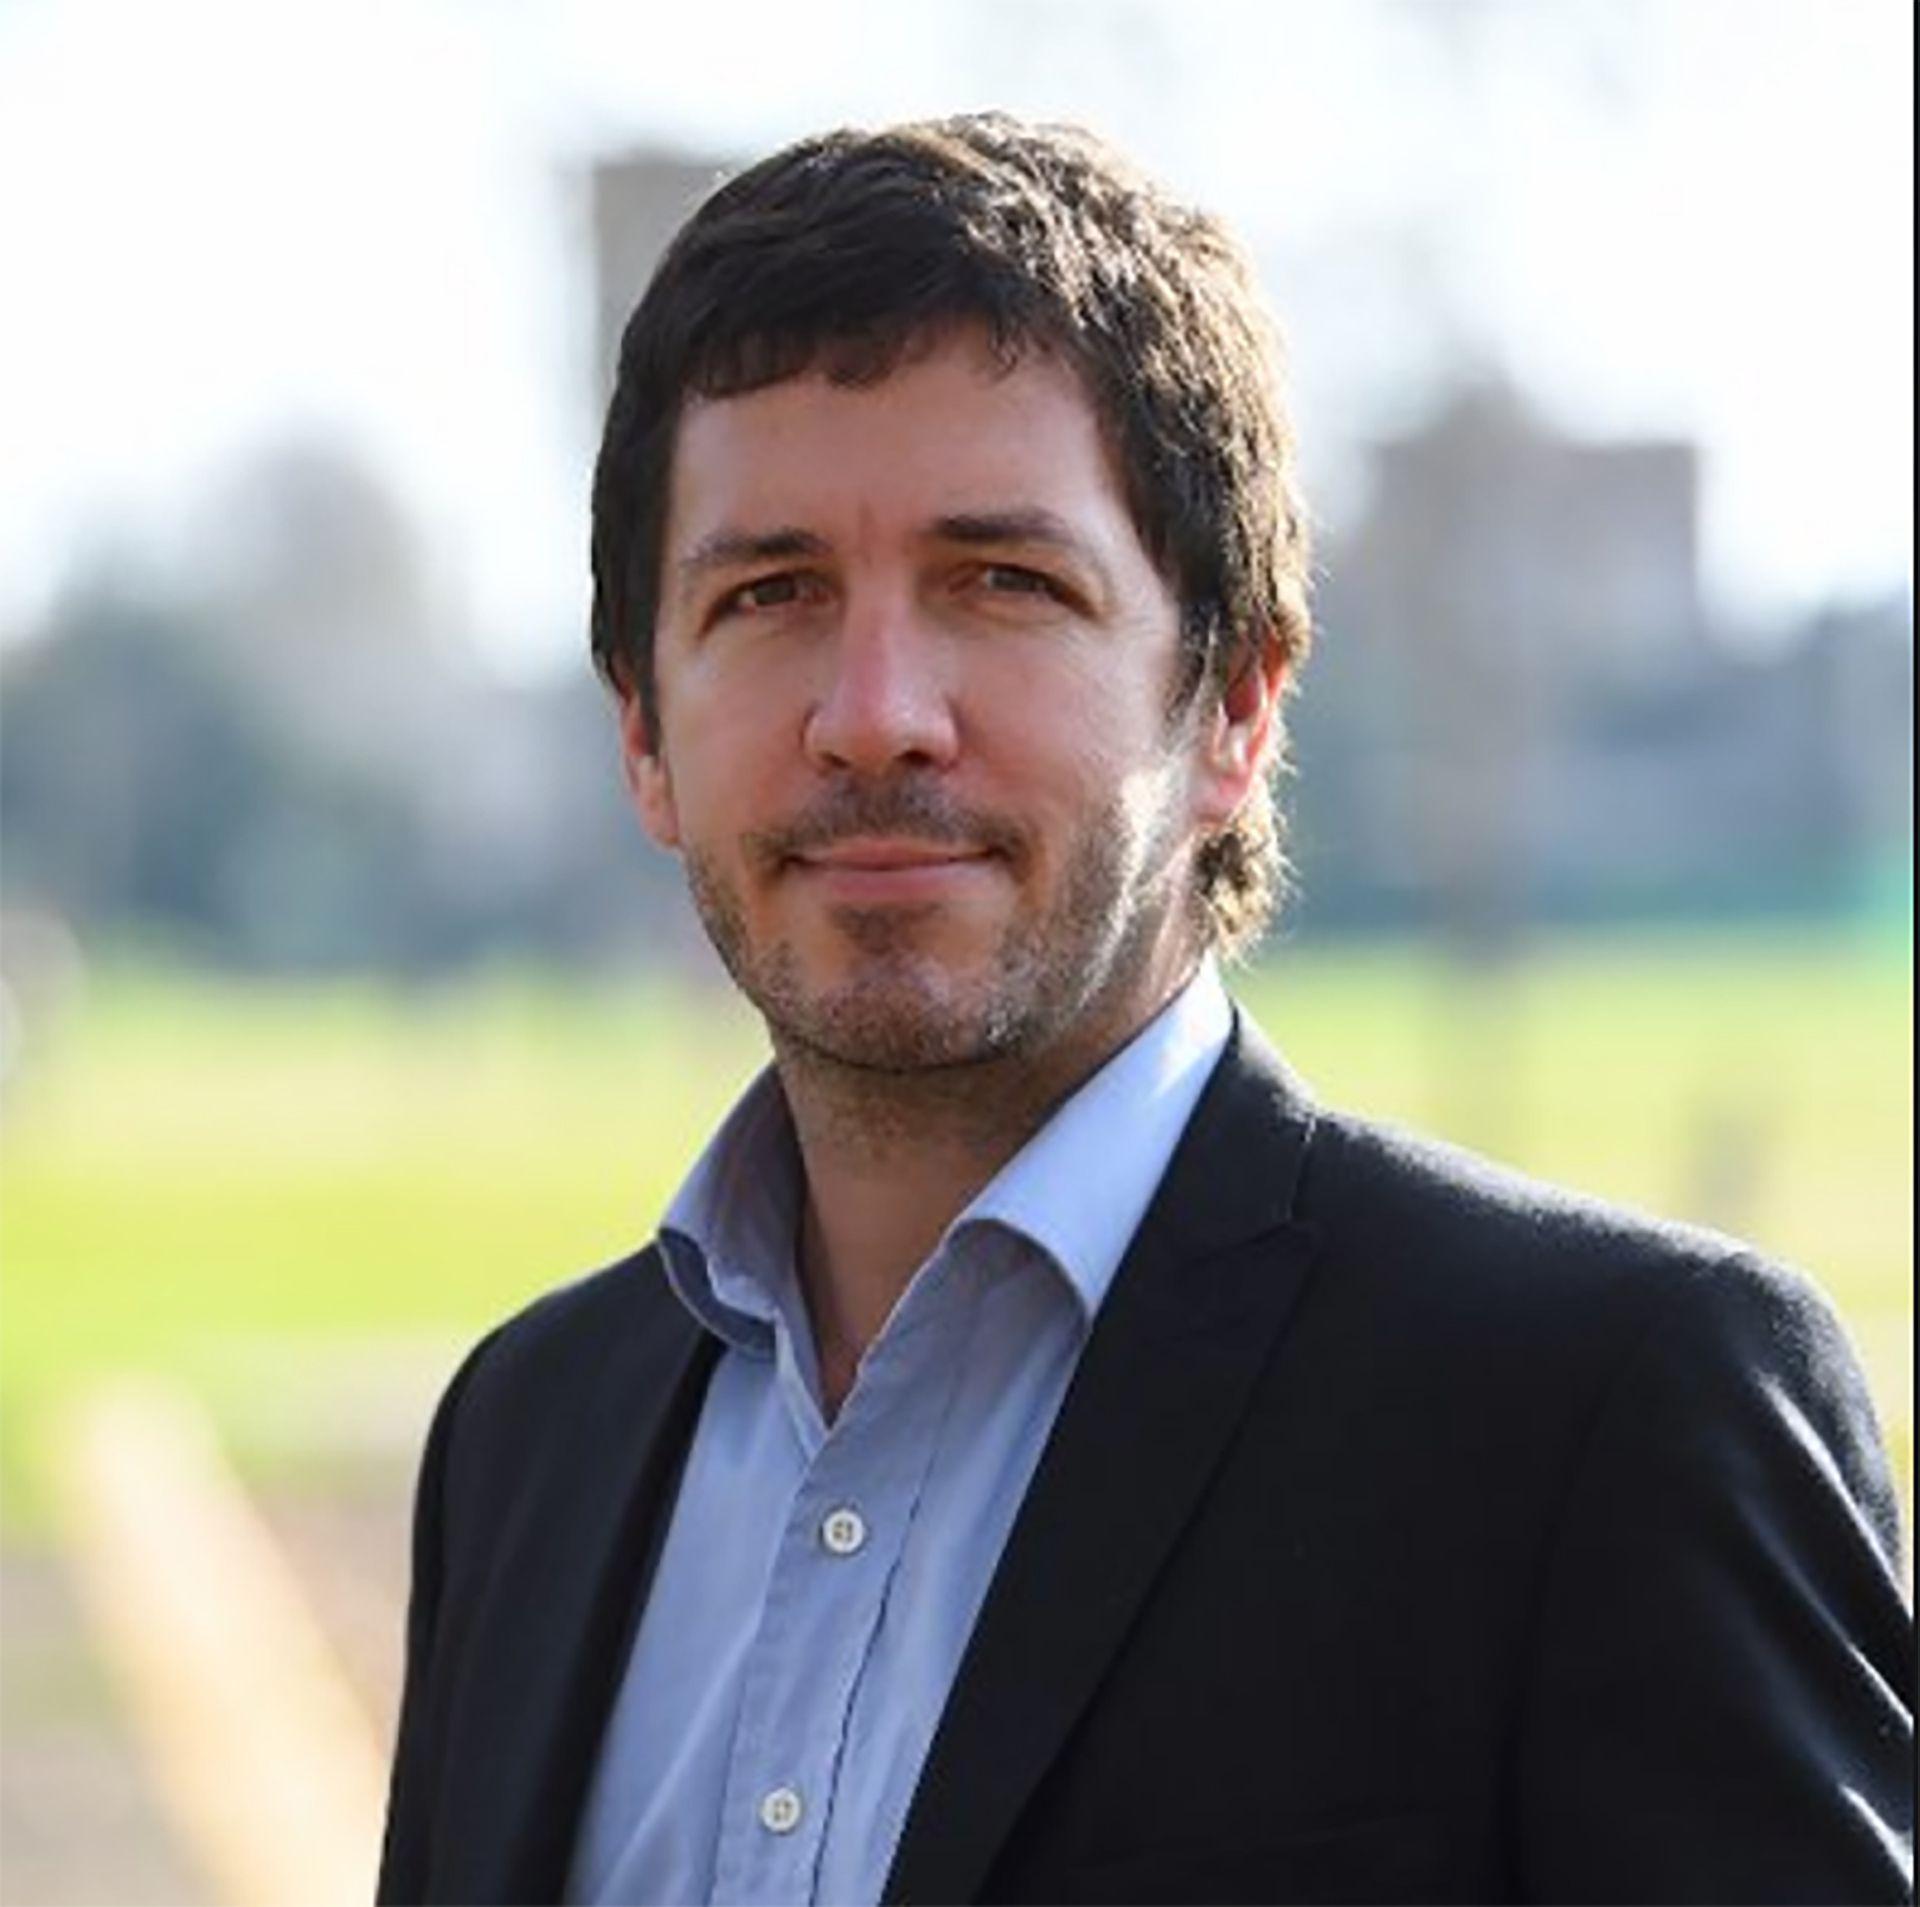 Gerónimo Ustarroz, el probable representante del PEN en el Consejo de la Magistratura (Twitter: @gustarroz)